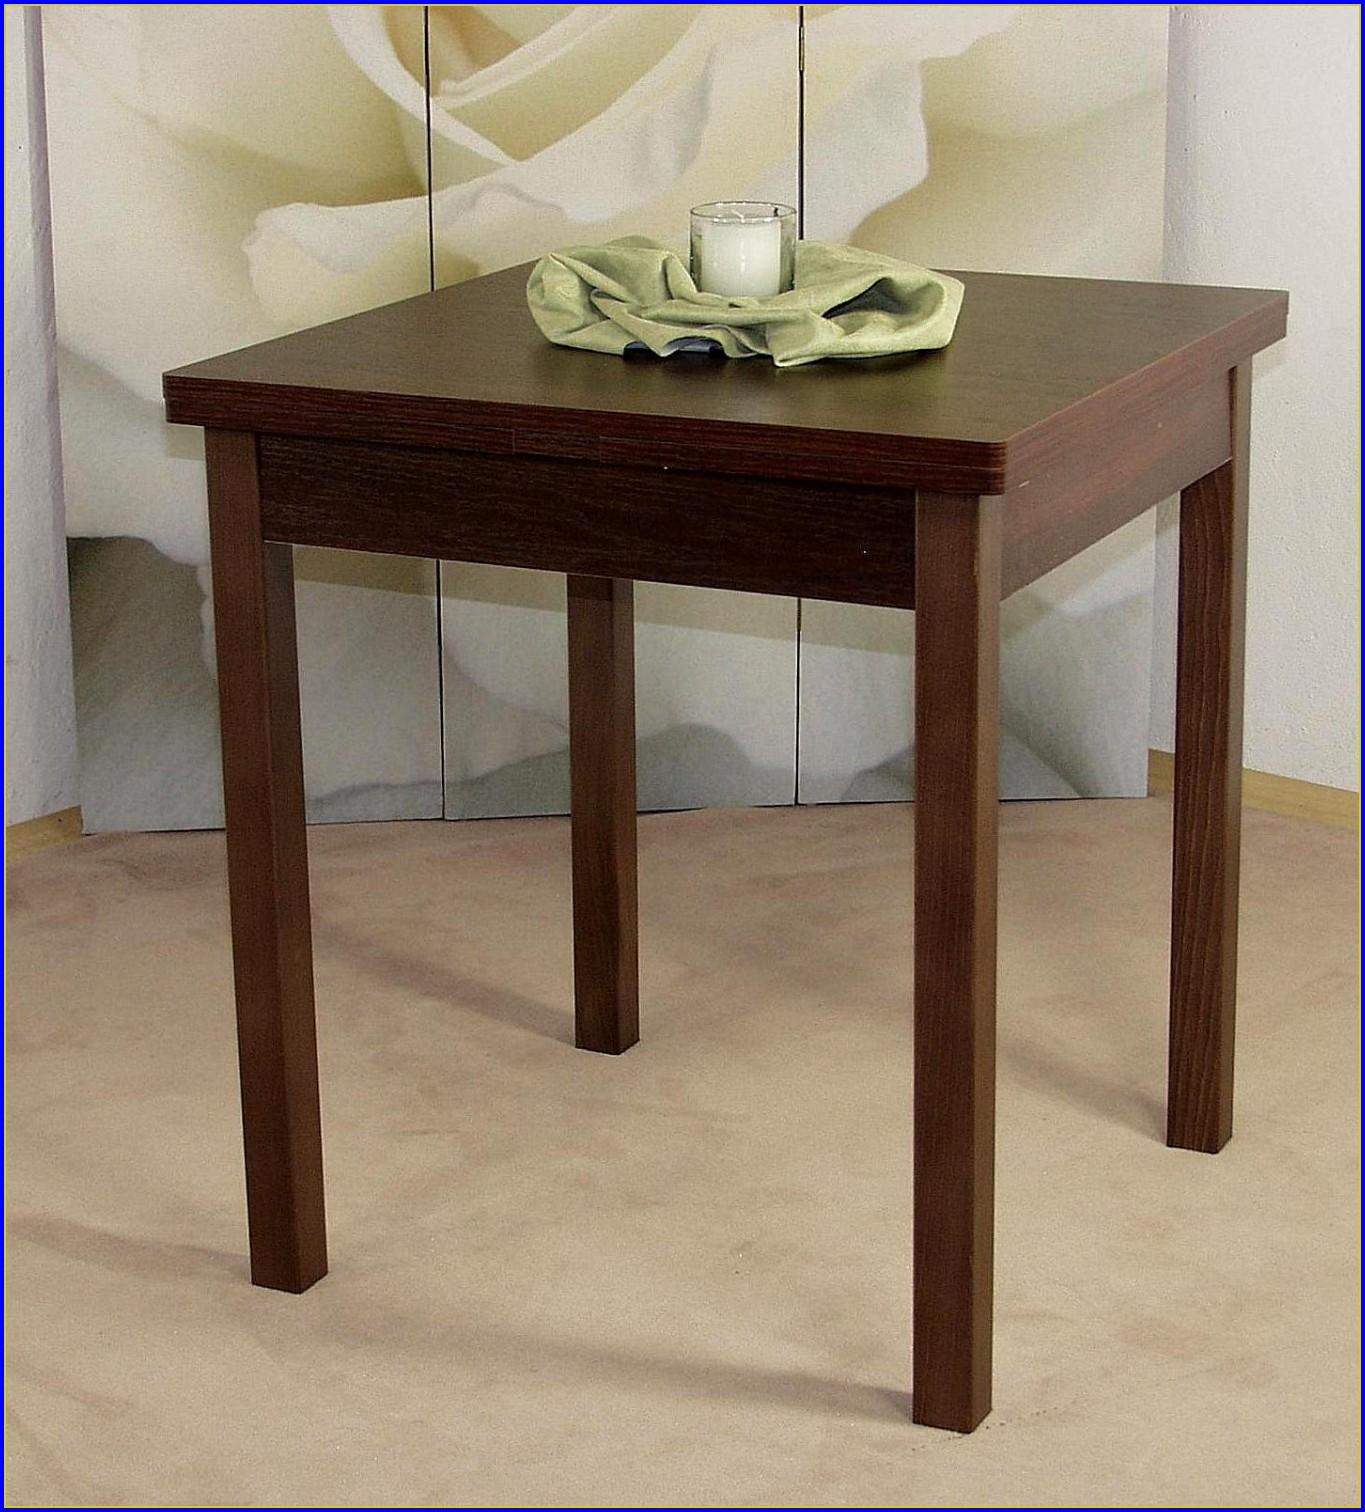 Kleiner Esstisch Ausziehbar Mit Stühlen